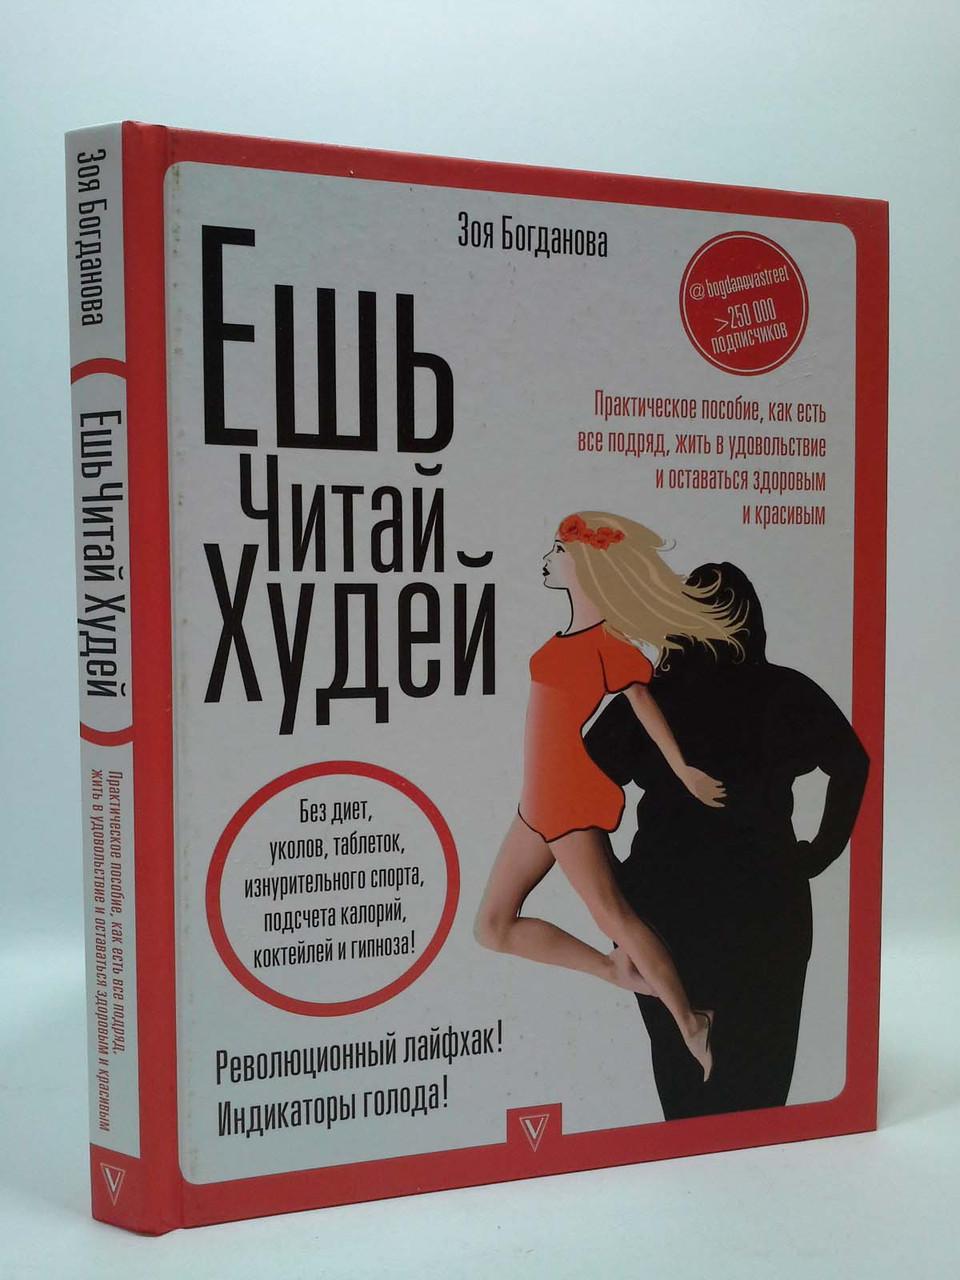 Психология Как Похудеть Книги. 10 лучших книг-бестселлеров для похудения